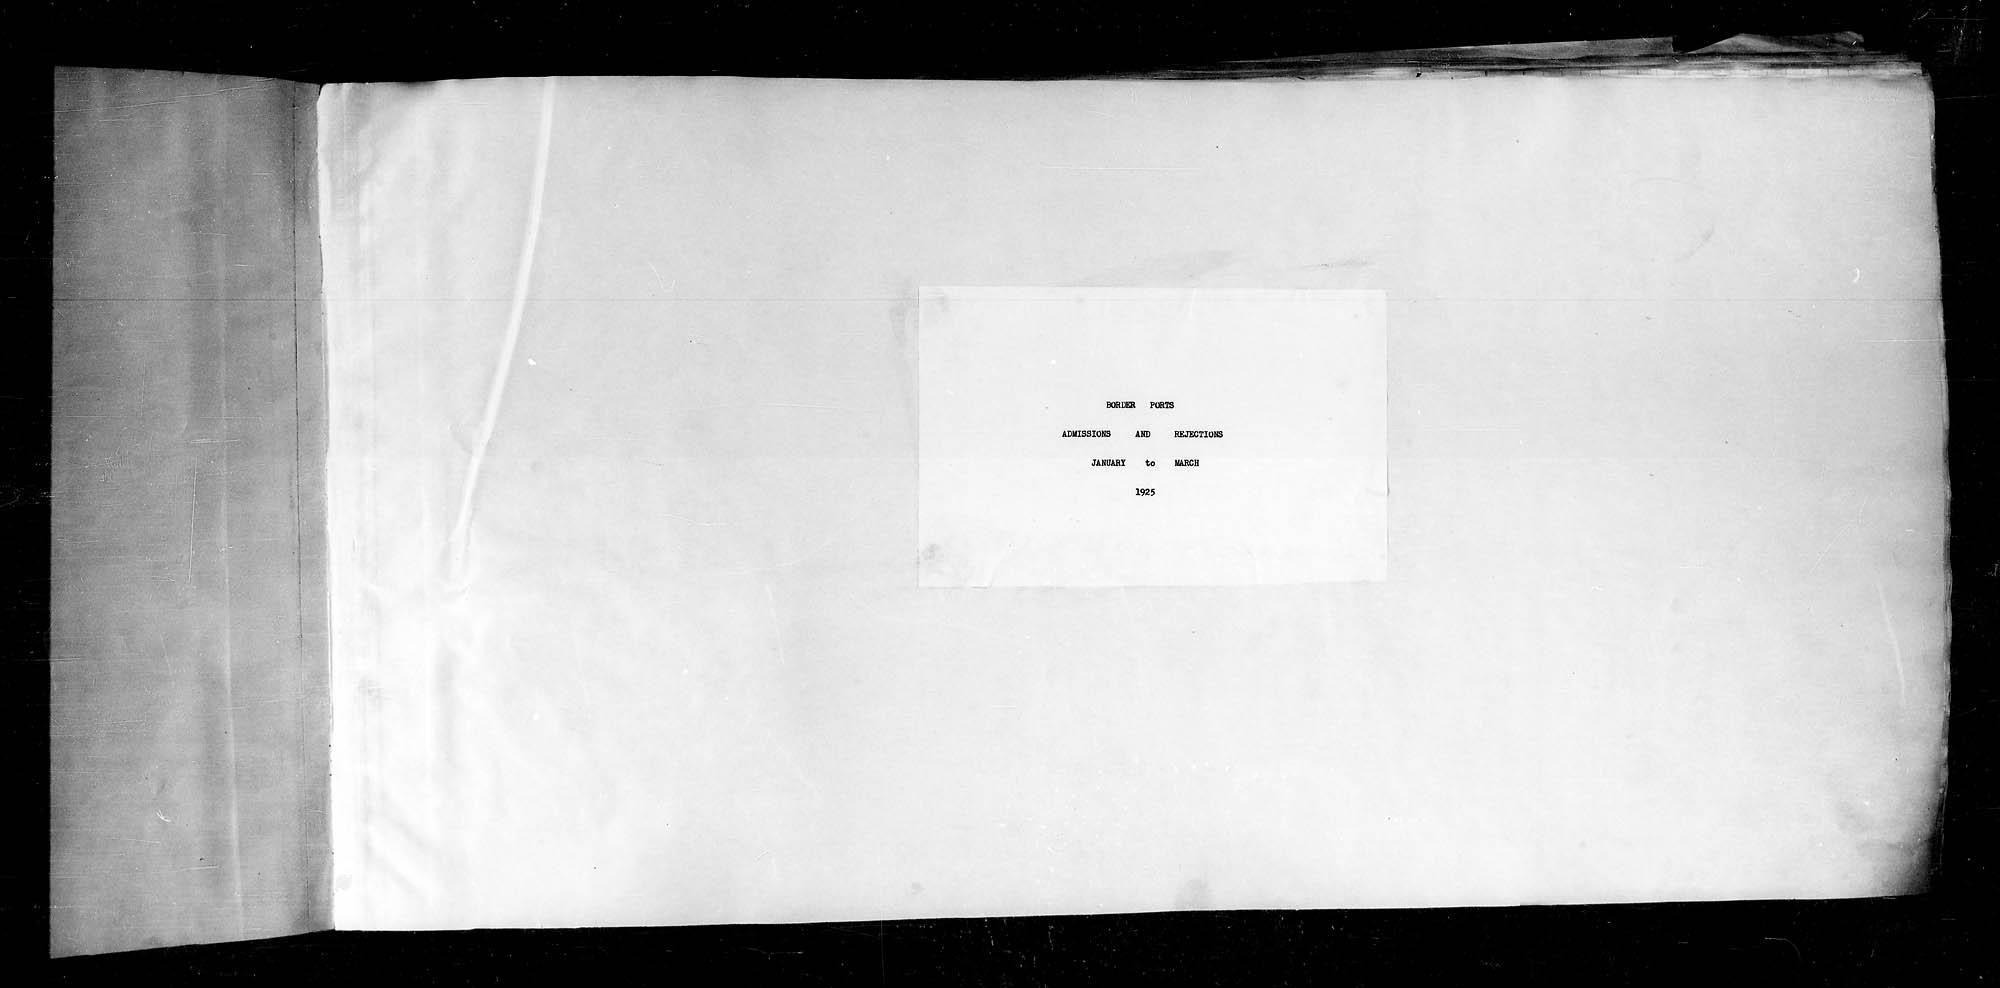 Titre: Arrivées par la frontière, 1925-1935 - N° d'enregistrement Mikan: 179161 - Microforme: t-15346